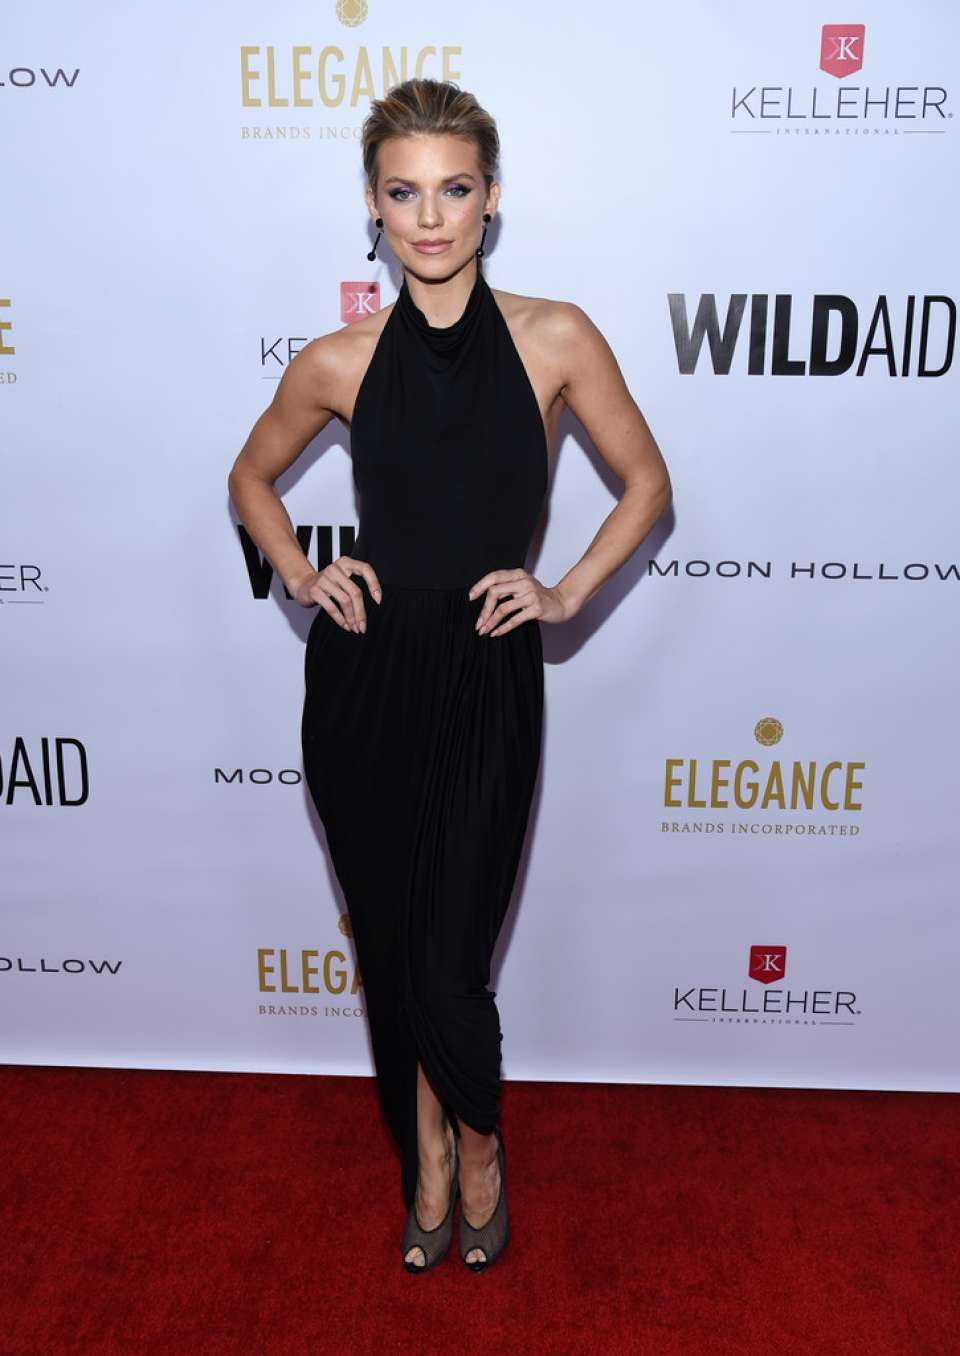 AnnaLynne McCord - 2019 WildAid Gala in Beverly Hills